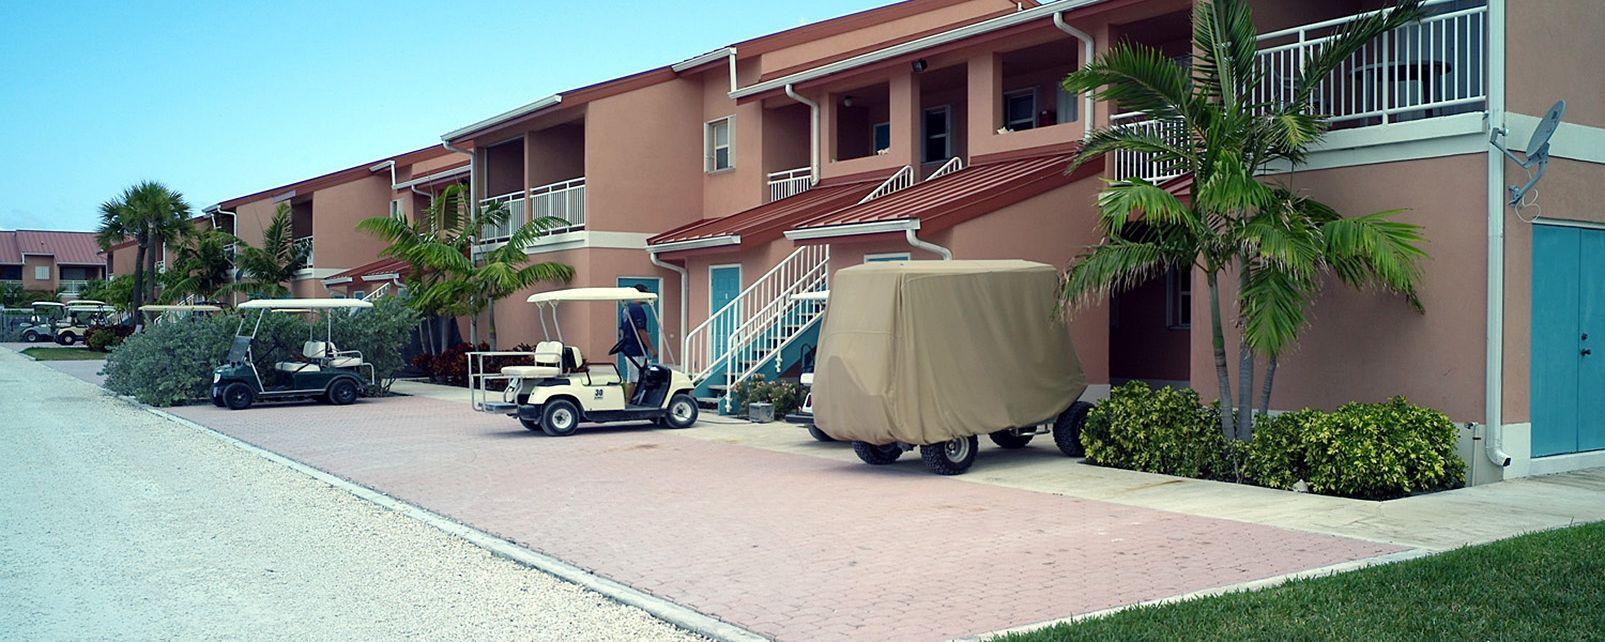 Hôtel Bimini Sands